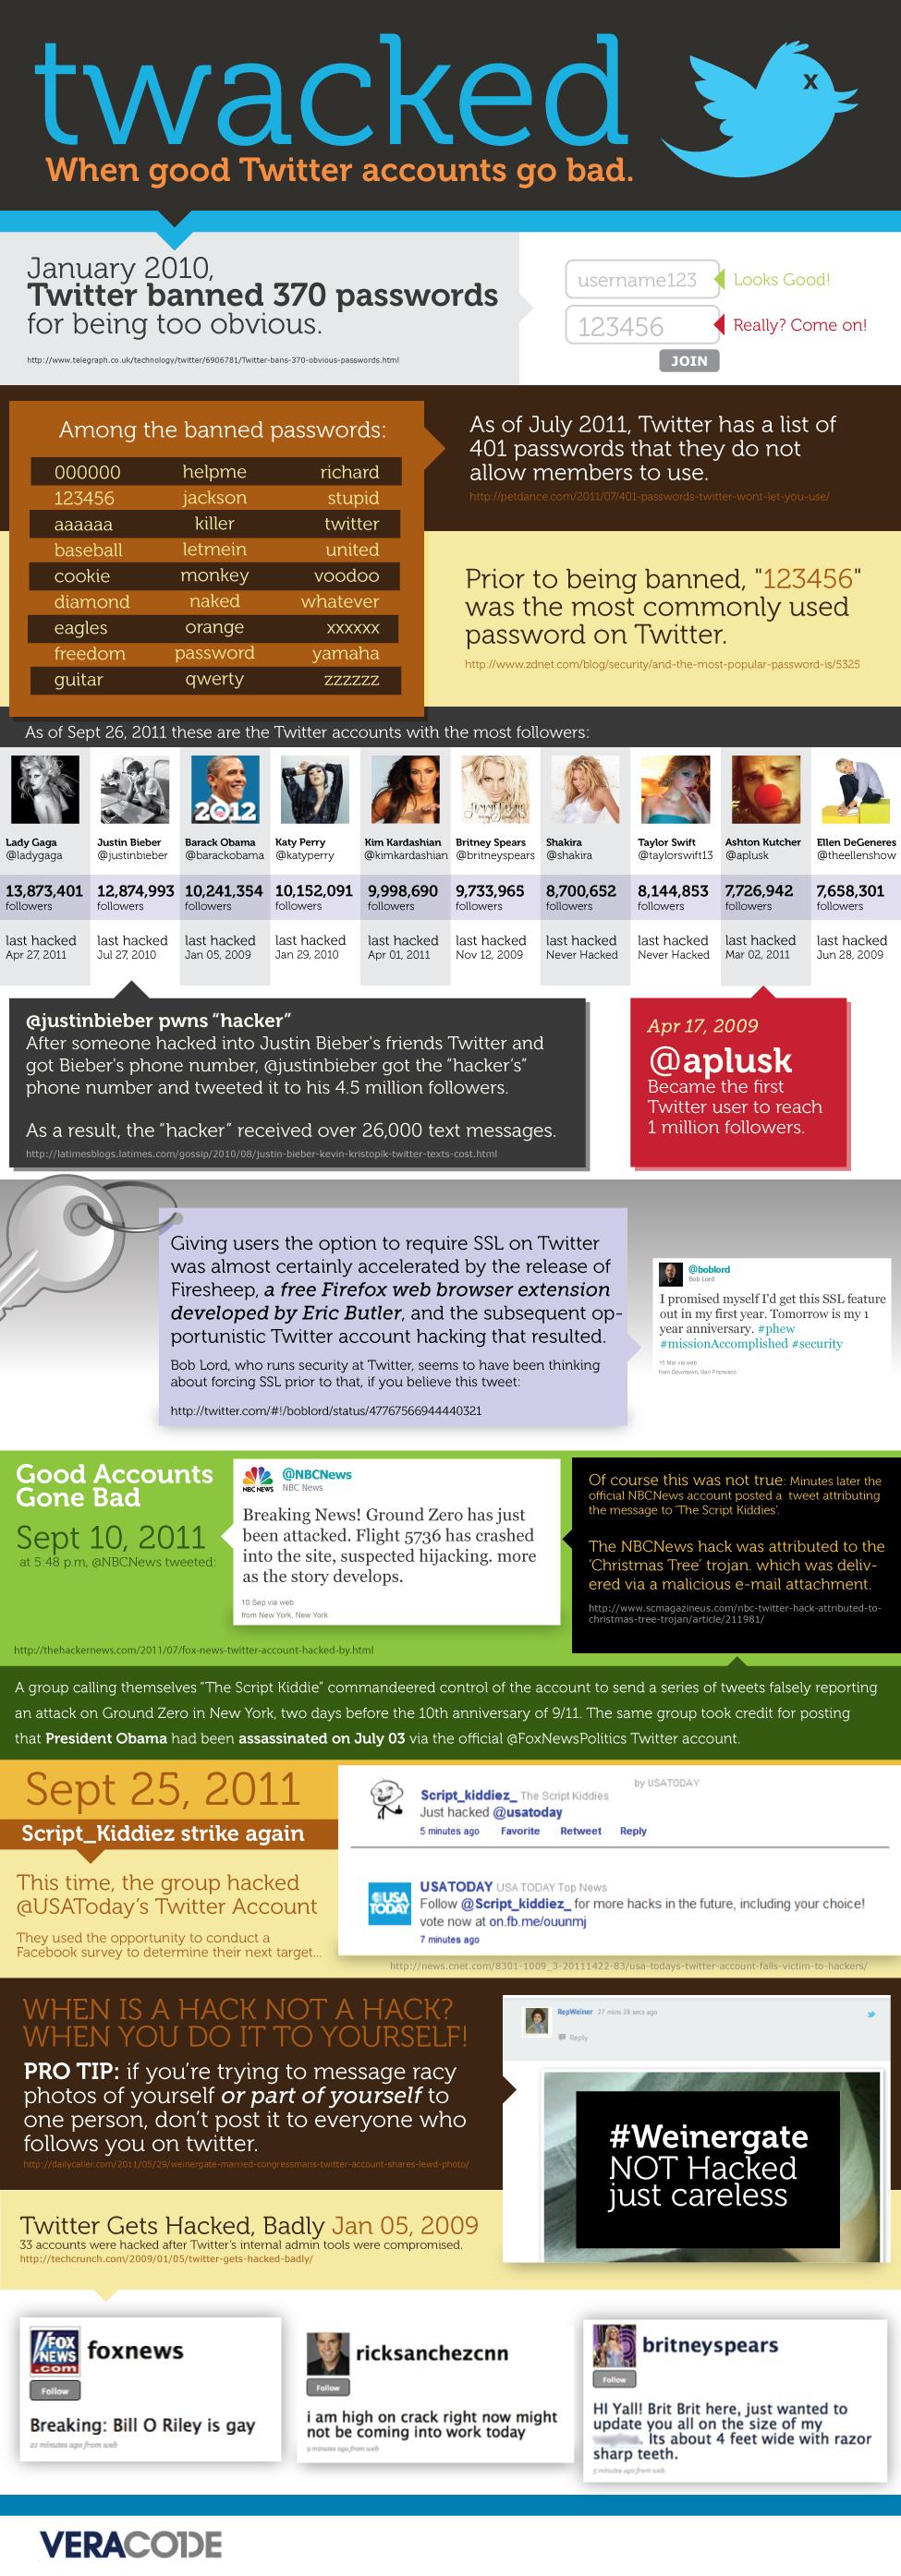 infografía sobre la seguridad en Twitter